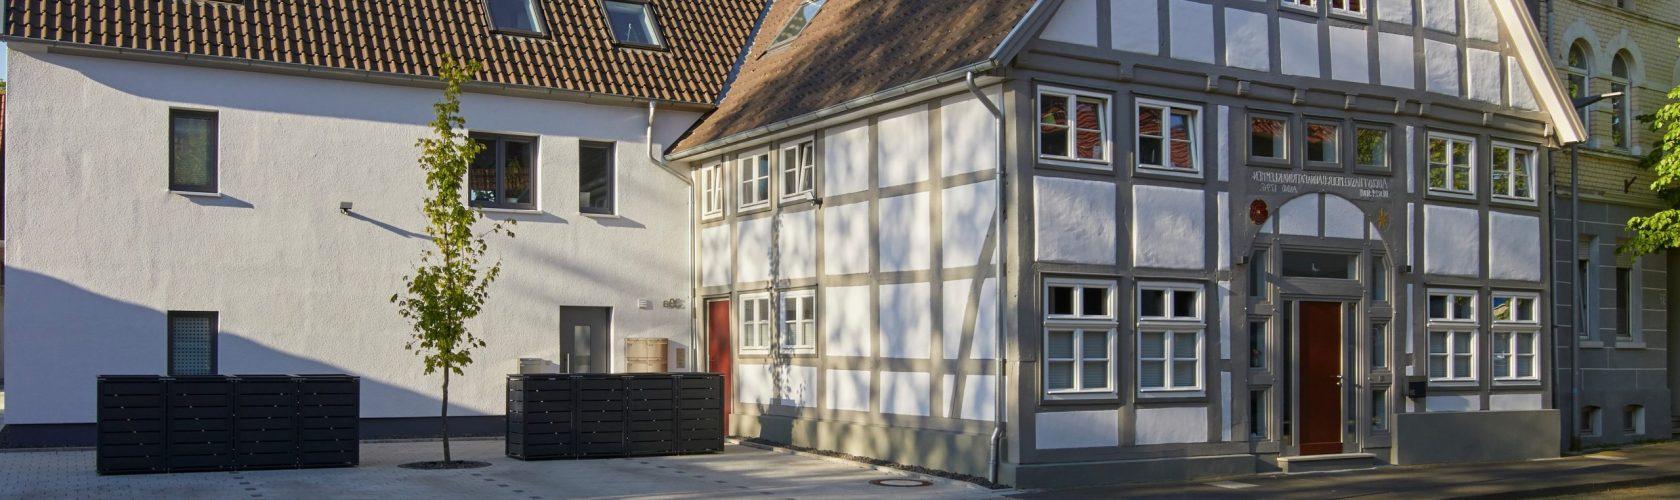 Altbauten sanieren und restaurieren, richtig gutes Handwerk kann das.